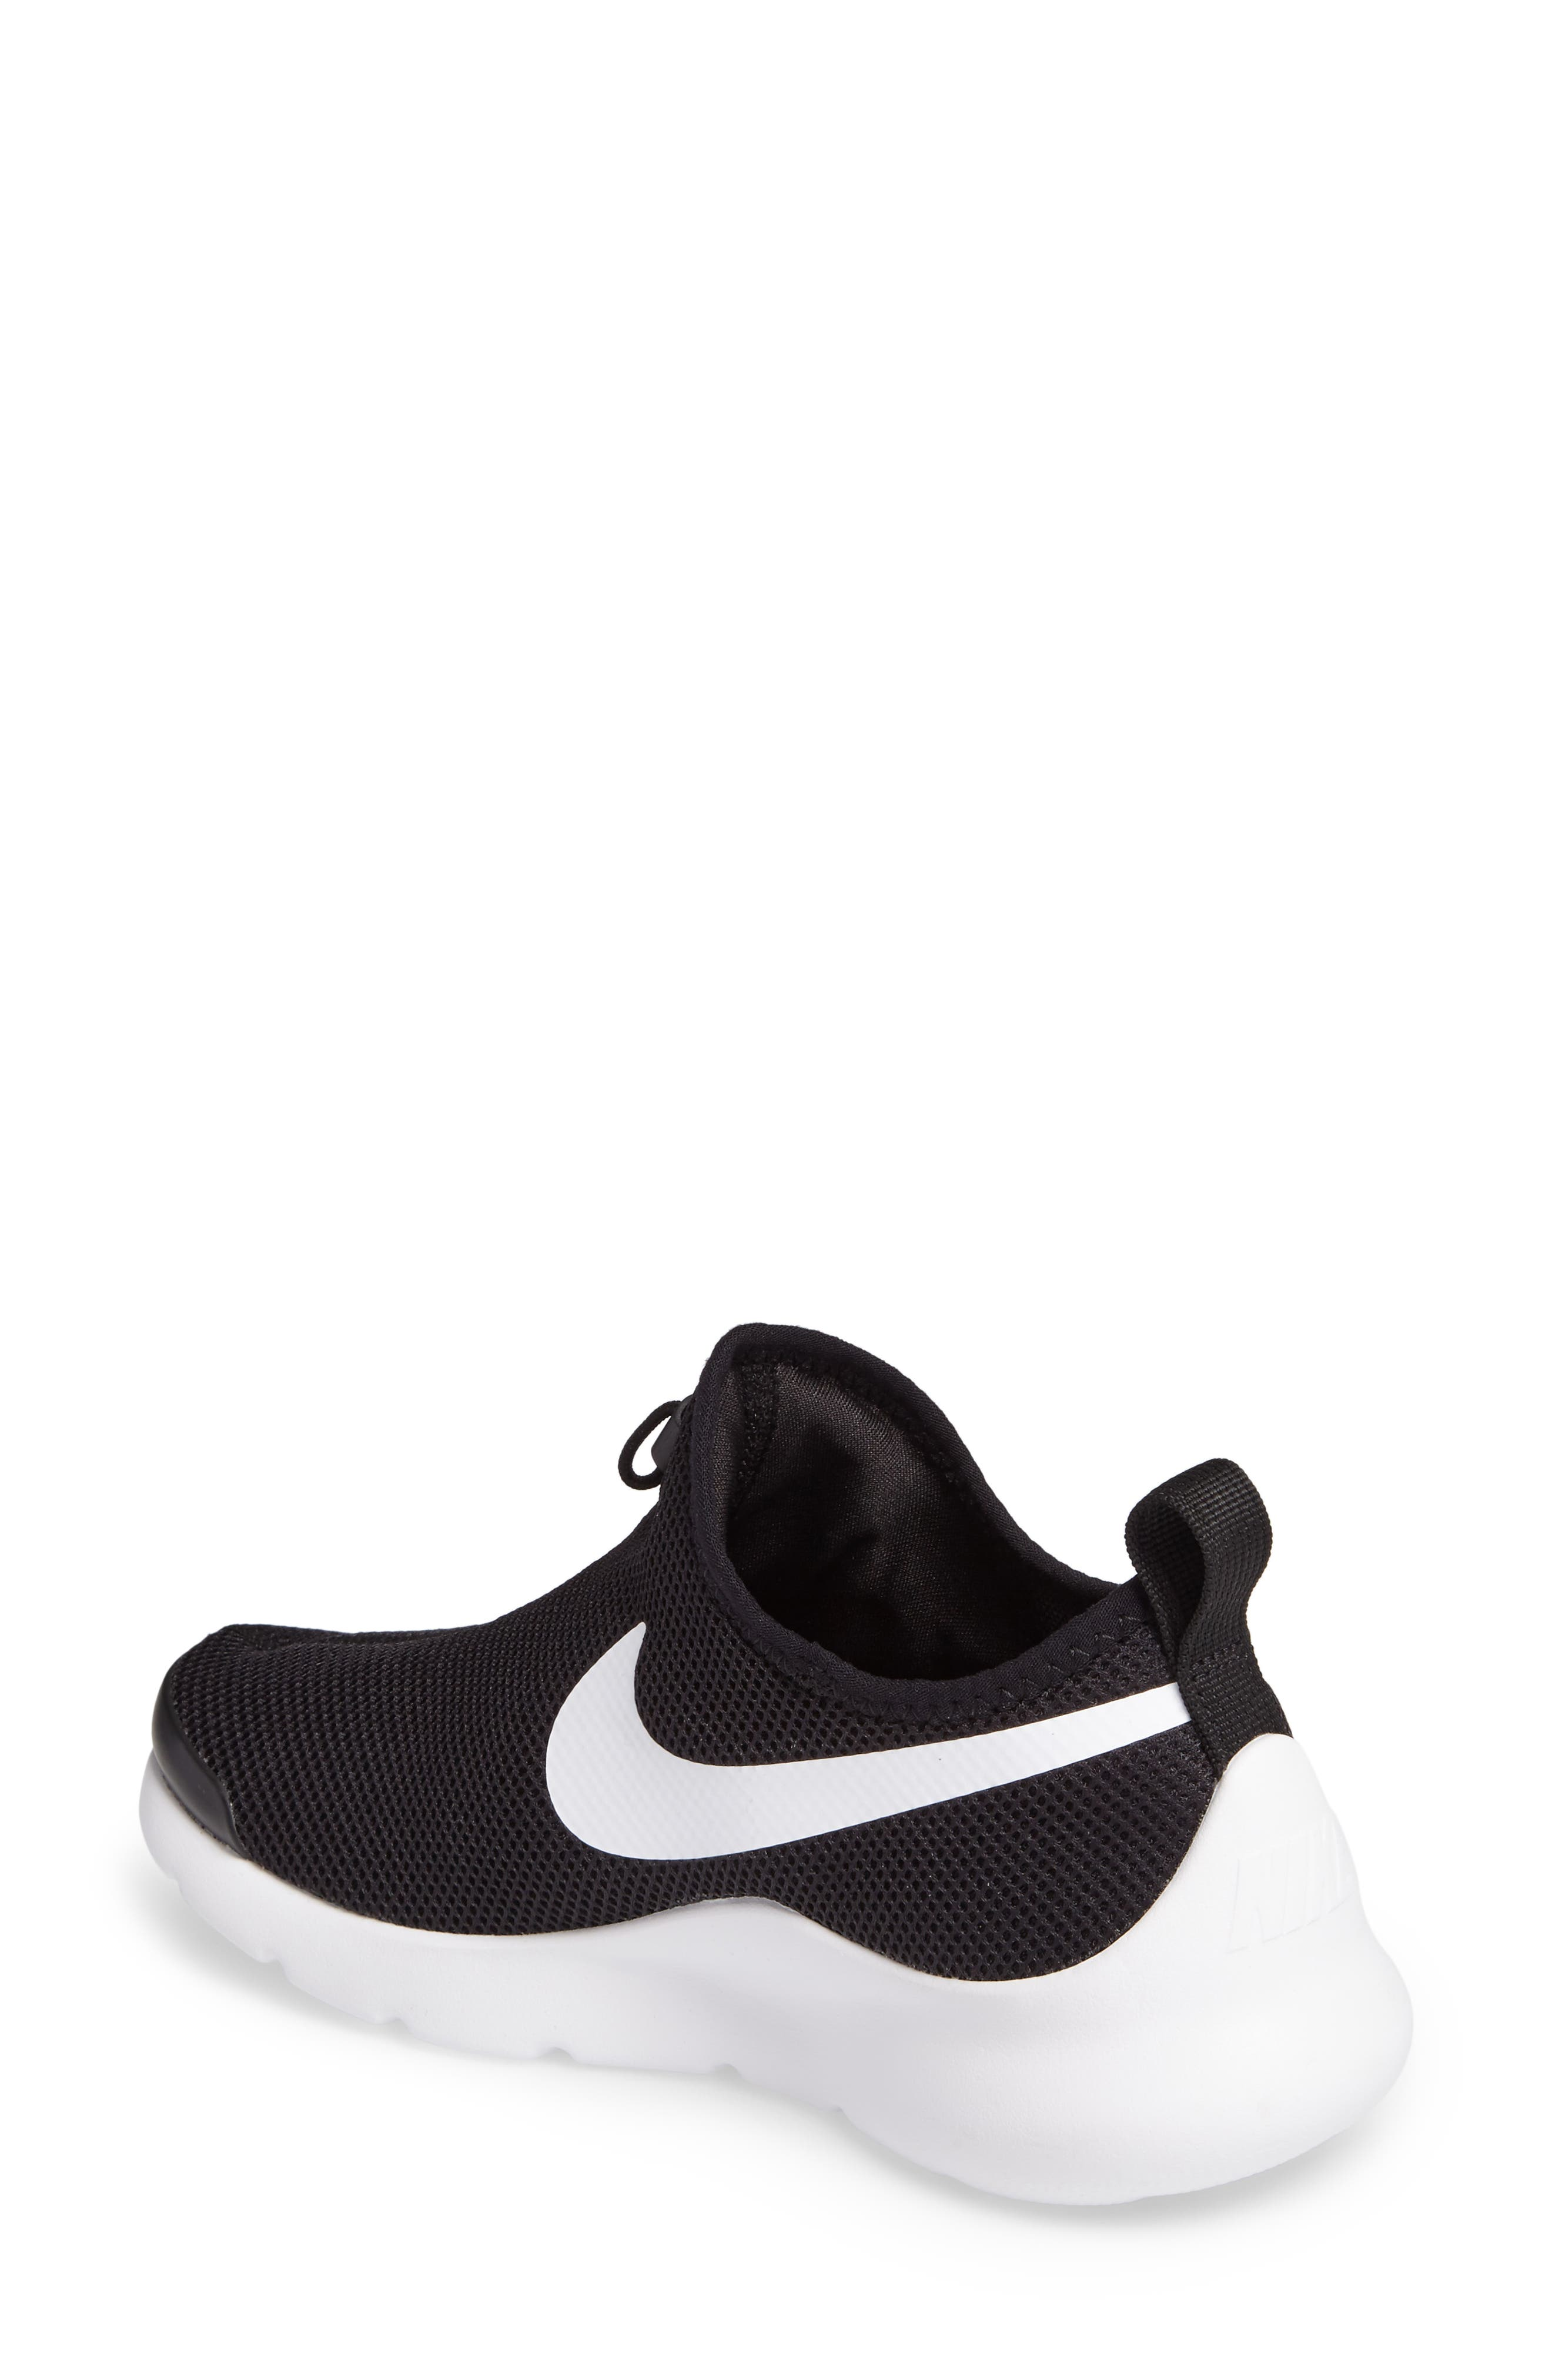 Aptare Slip-On Mesh Sneaker,                             Alternate thumbnail 2, color,                             002